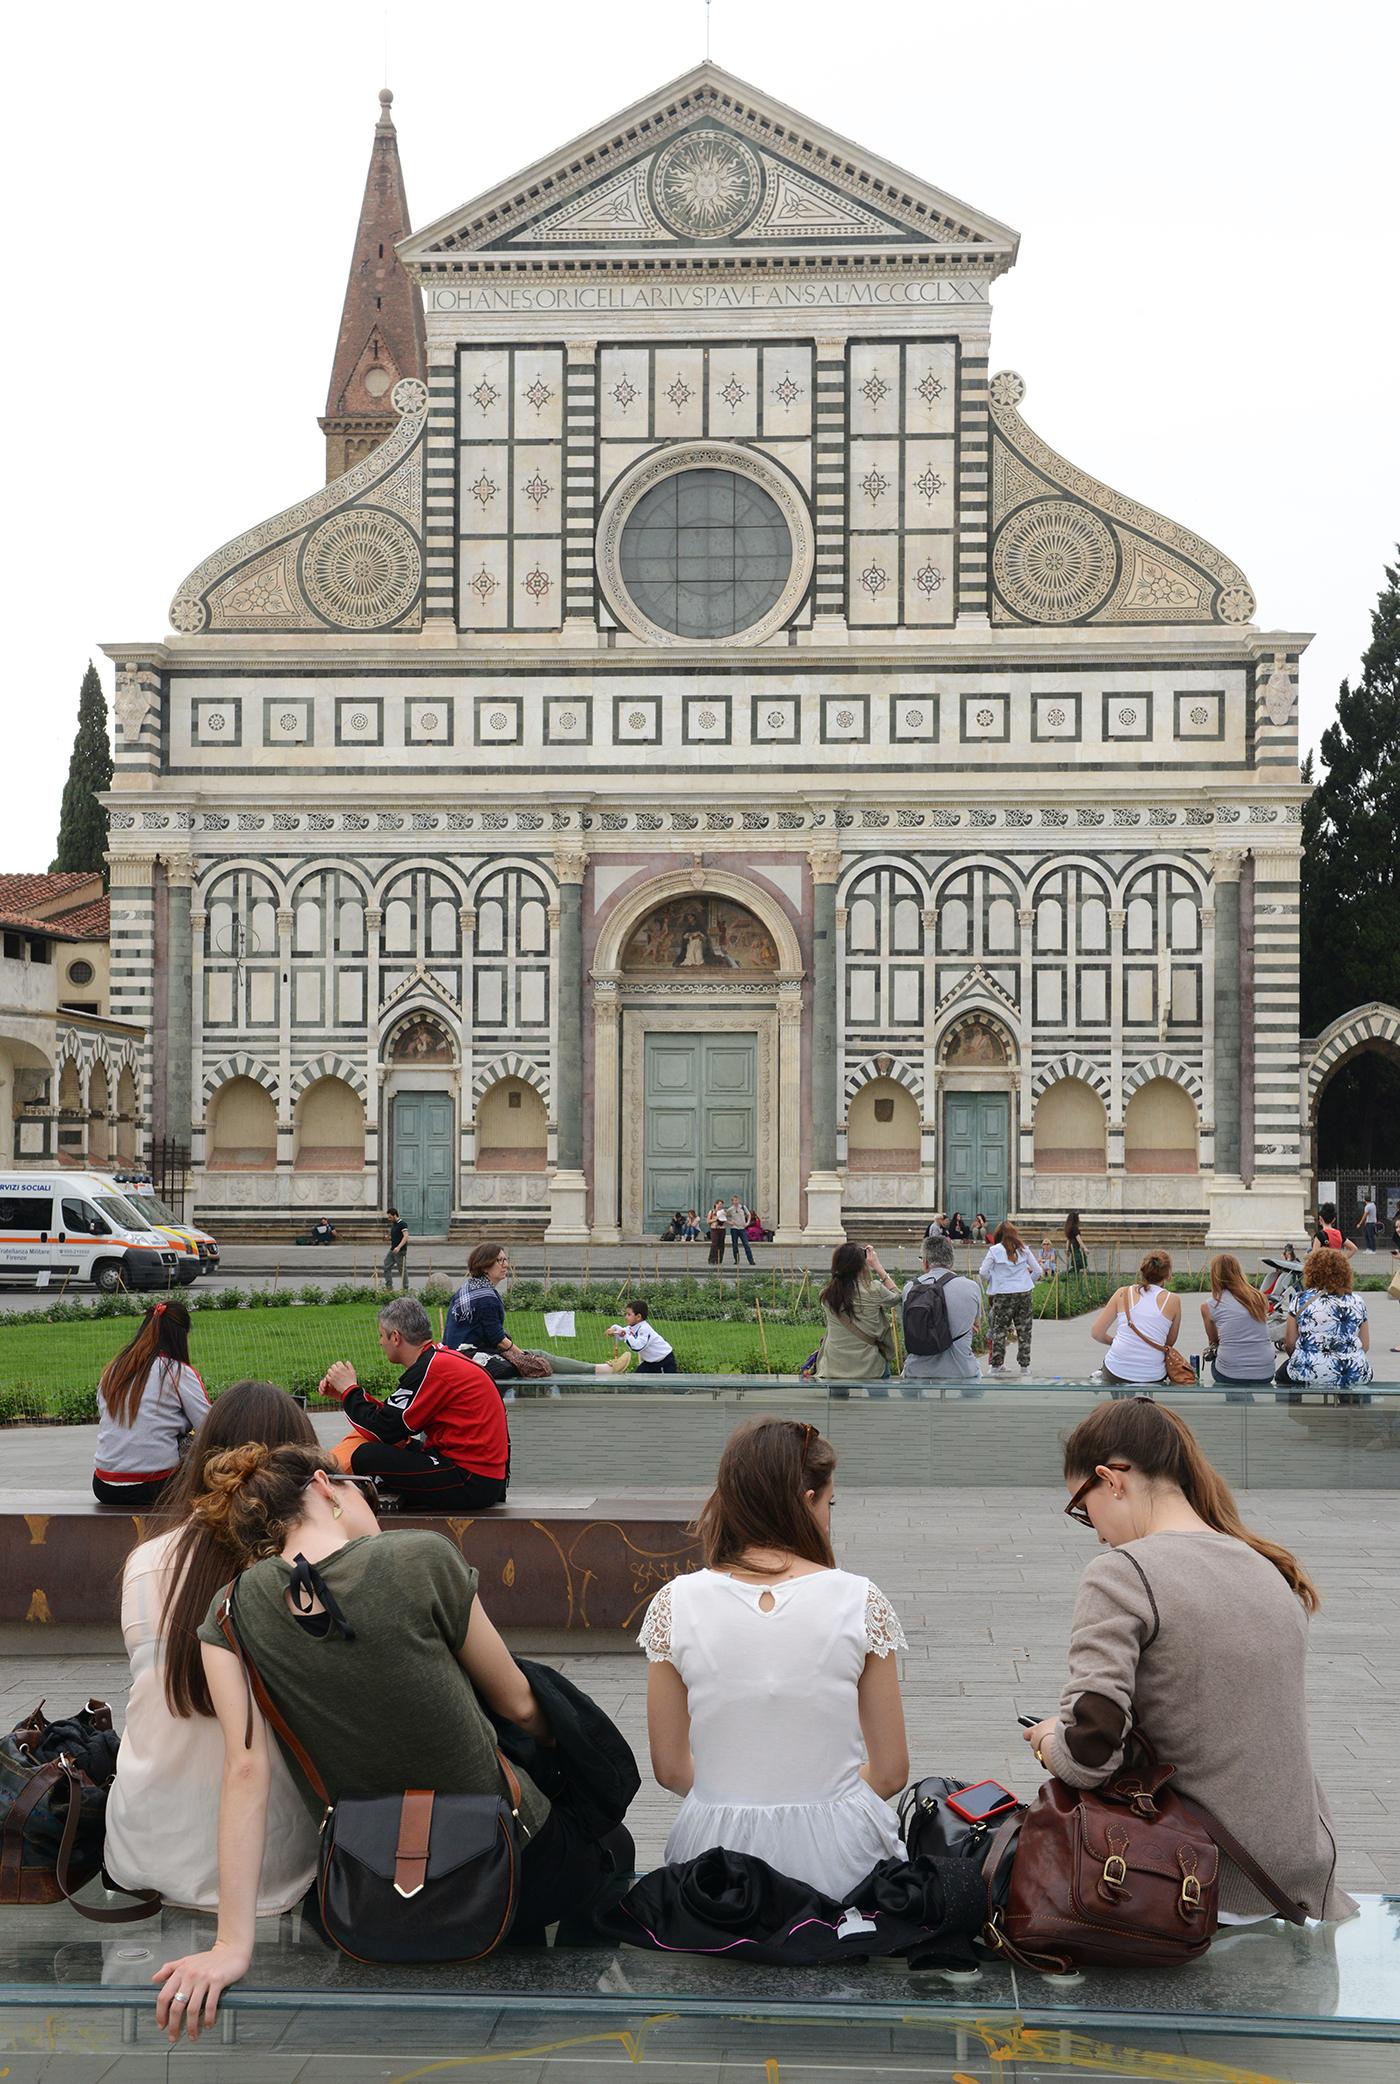 Turismi, turisti, matka, matkablogi, matka, Italia, Firenze, kirkko, aukio